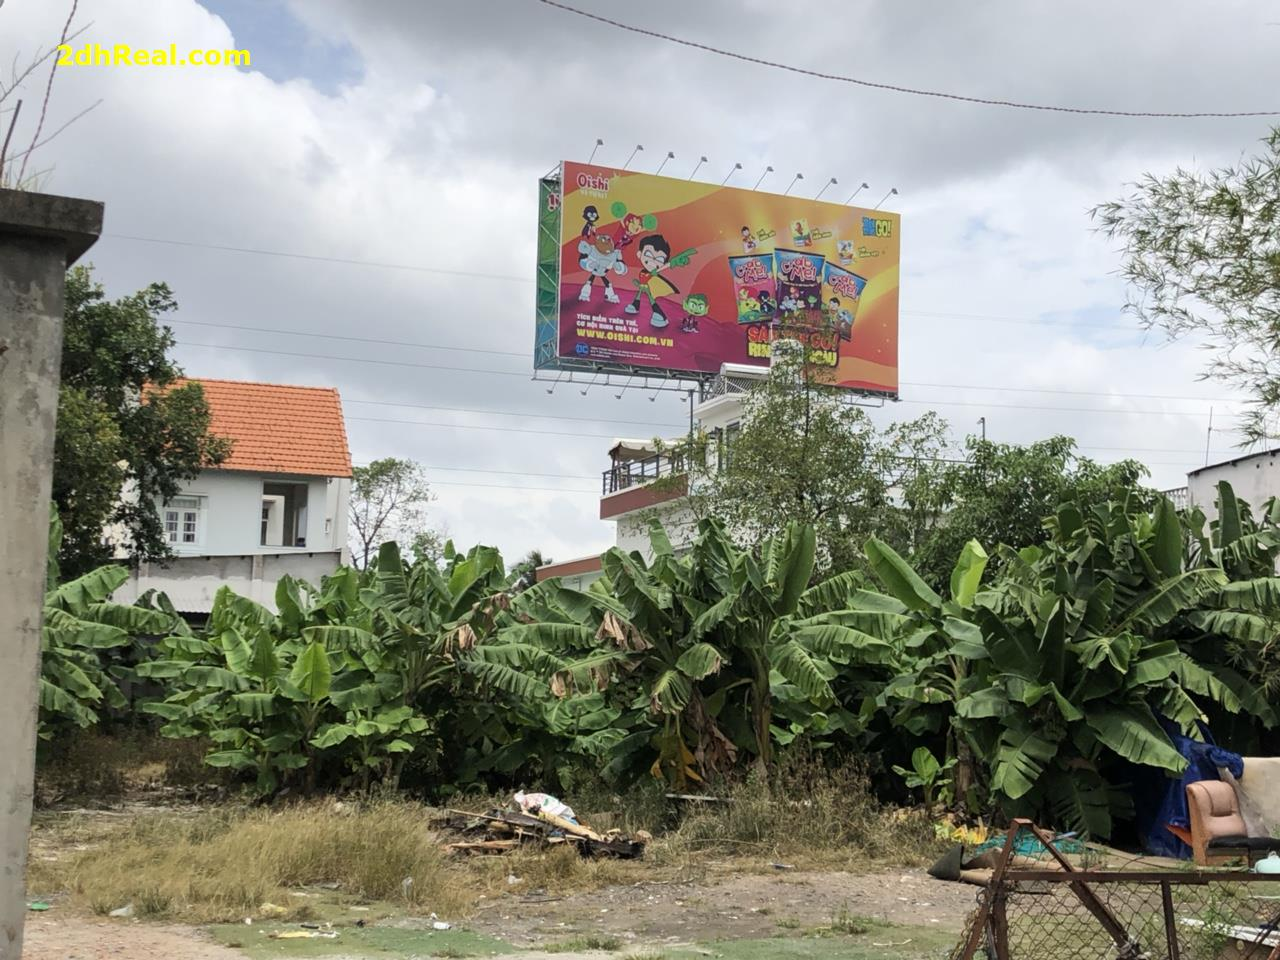 Bán đất hẻm 668 quốc lộ 13 phường Hiệp Bình Chánh quận Thủ Đức Tp.HCM